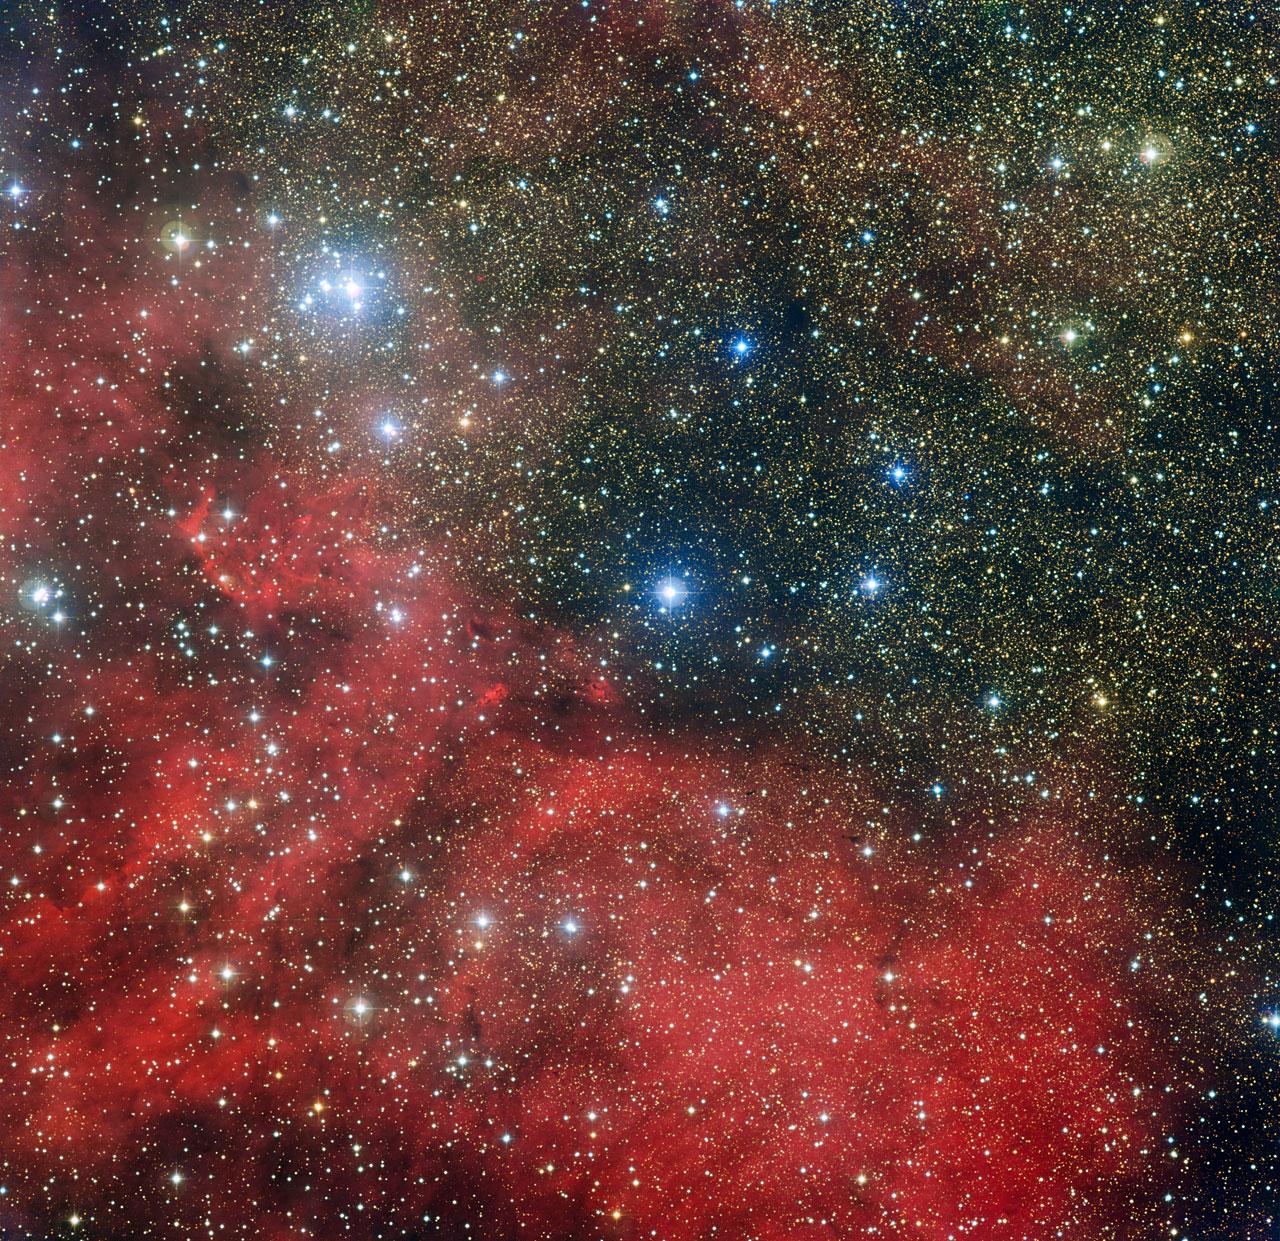 L\'amas d\'étoiles NGC 6604 est dévoilé sur cette nouvelle image prise avec la caméra WFI installée sur le télescope MPG/ESO de 2,2 mètres de l\'Observatoire La Silla au Chili. NGC 6604 est le groupement lumineux qui s\'étend en haut à gauche de l\'image. C\'est un jeune amas d\'étoiles qui constitue la partie la plus dense d\'un groupe plus largement étendu contenant environ une centaine d\'étoiles bleuâtres lumineuses. L\'image montre également la nébuleuse associée à cet amas – un nuage d\'hydrogène ionisé lumineux appelé Sh2-54 - ainsi que des nuages de poussière.